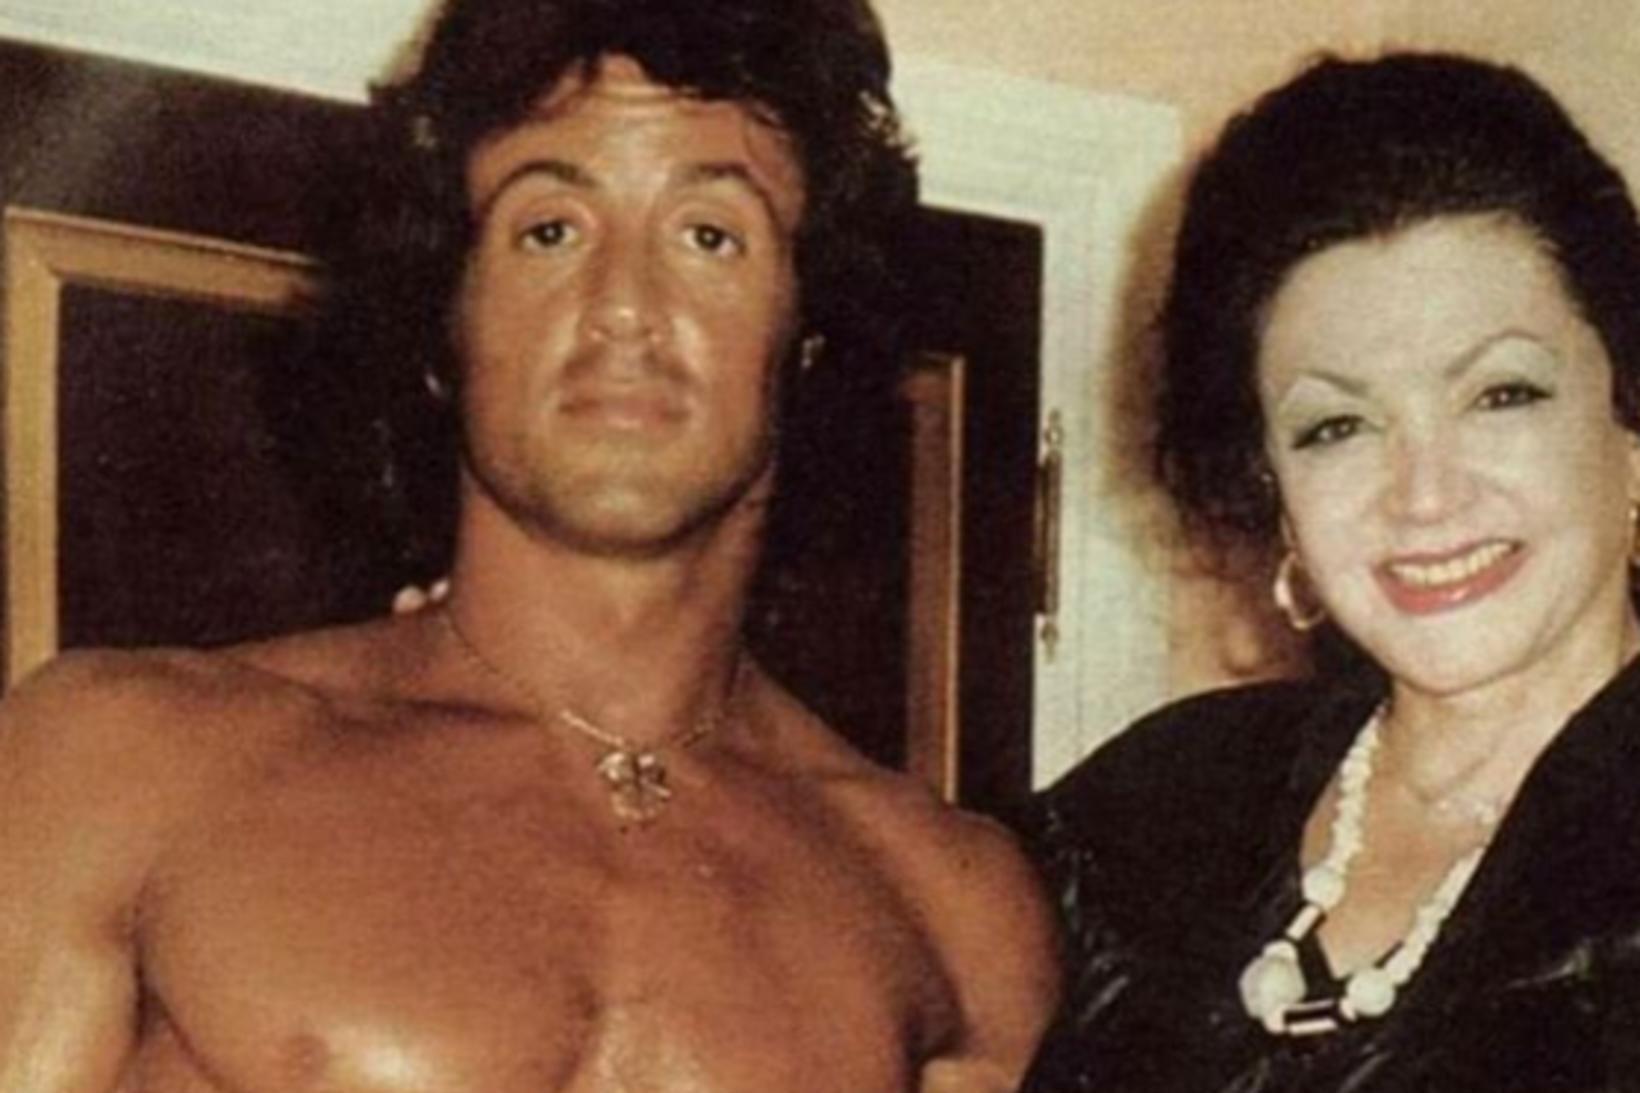 Sylvester Stallone ásamt móður sinni, Jackie Stallone.